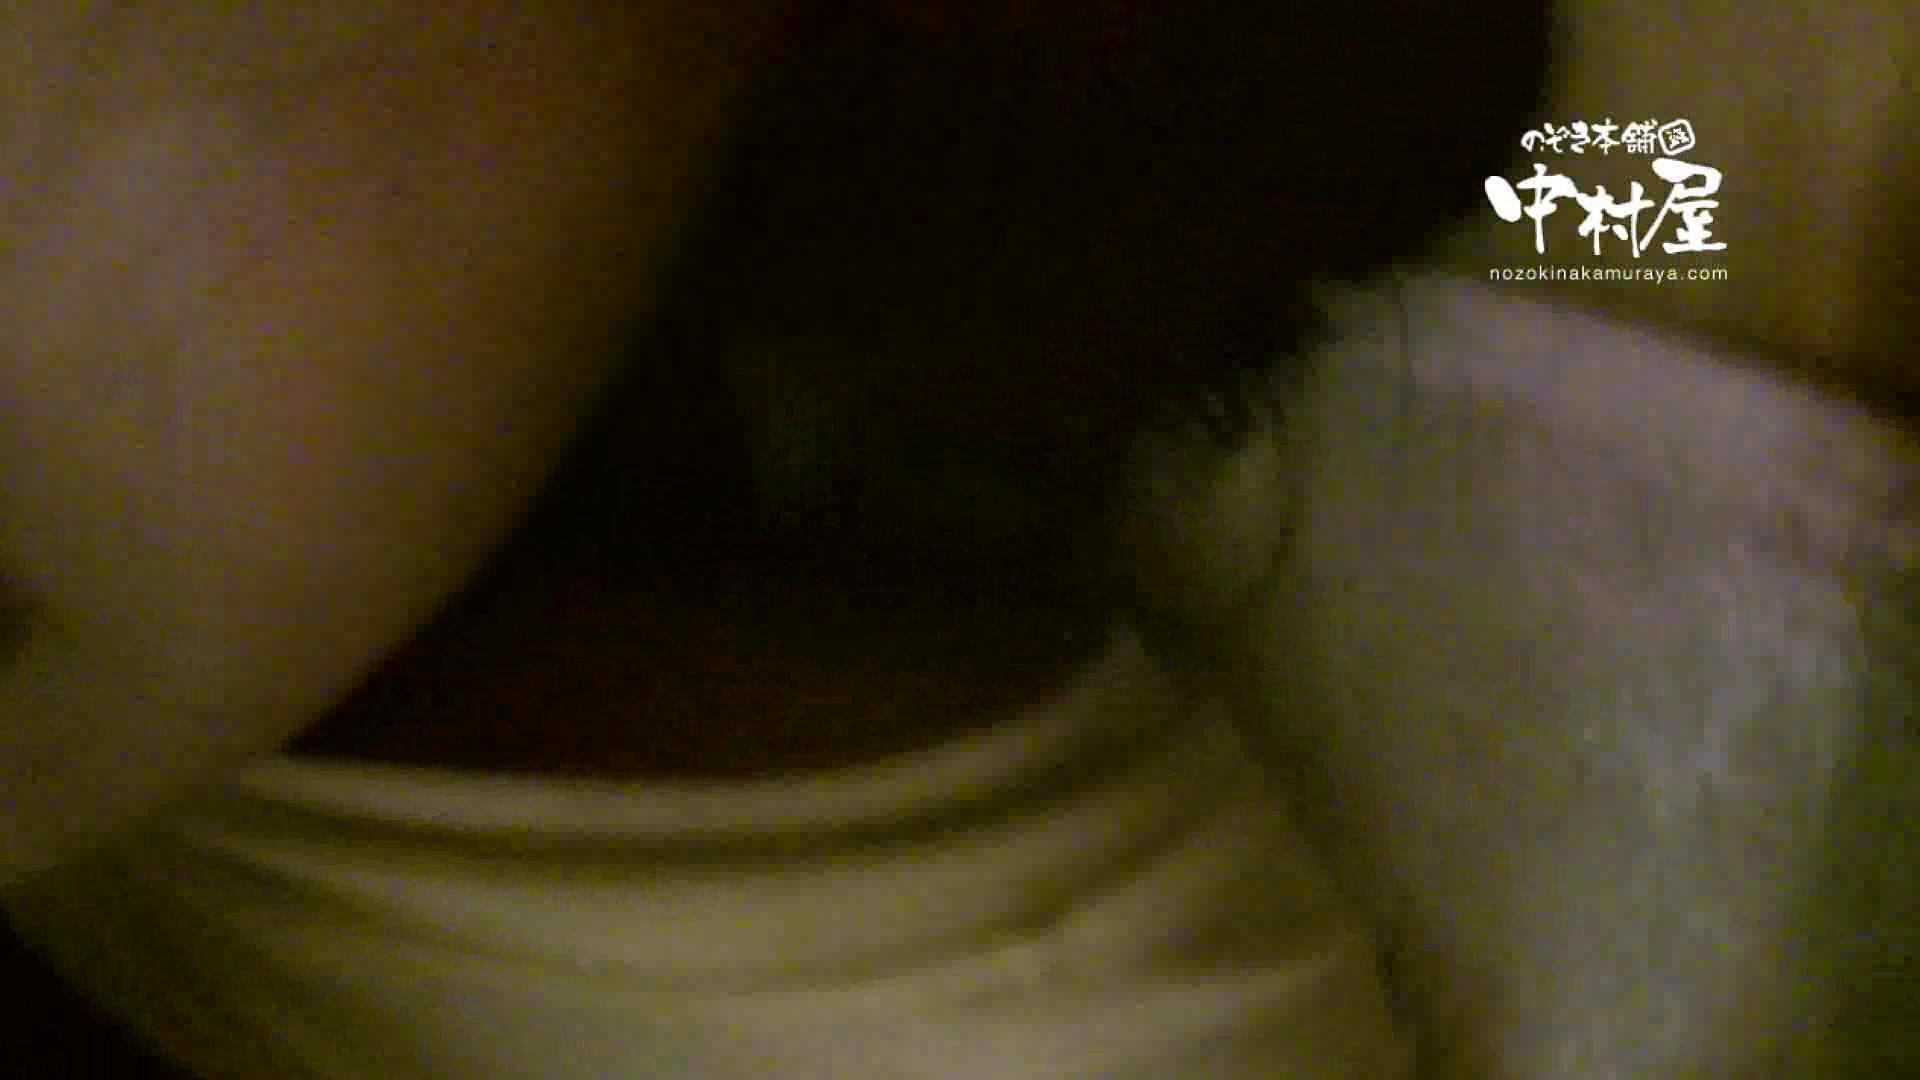 鬼畜 vol.17 中に出さないでください(アニメ声で懇願) 後編 美しいOLの裸体   鬼畜  69pic 23